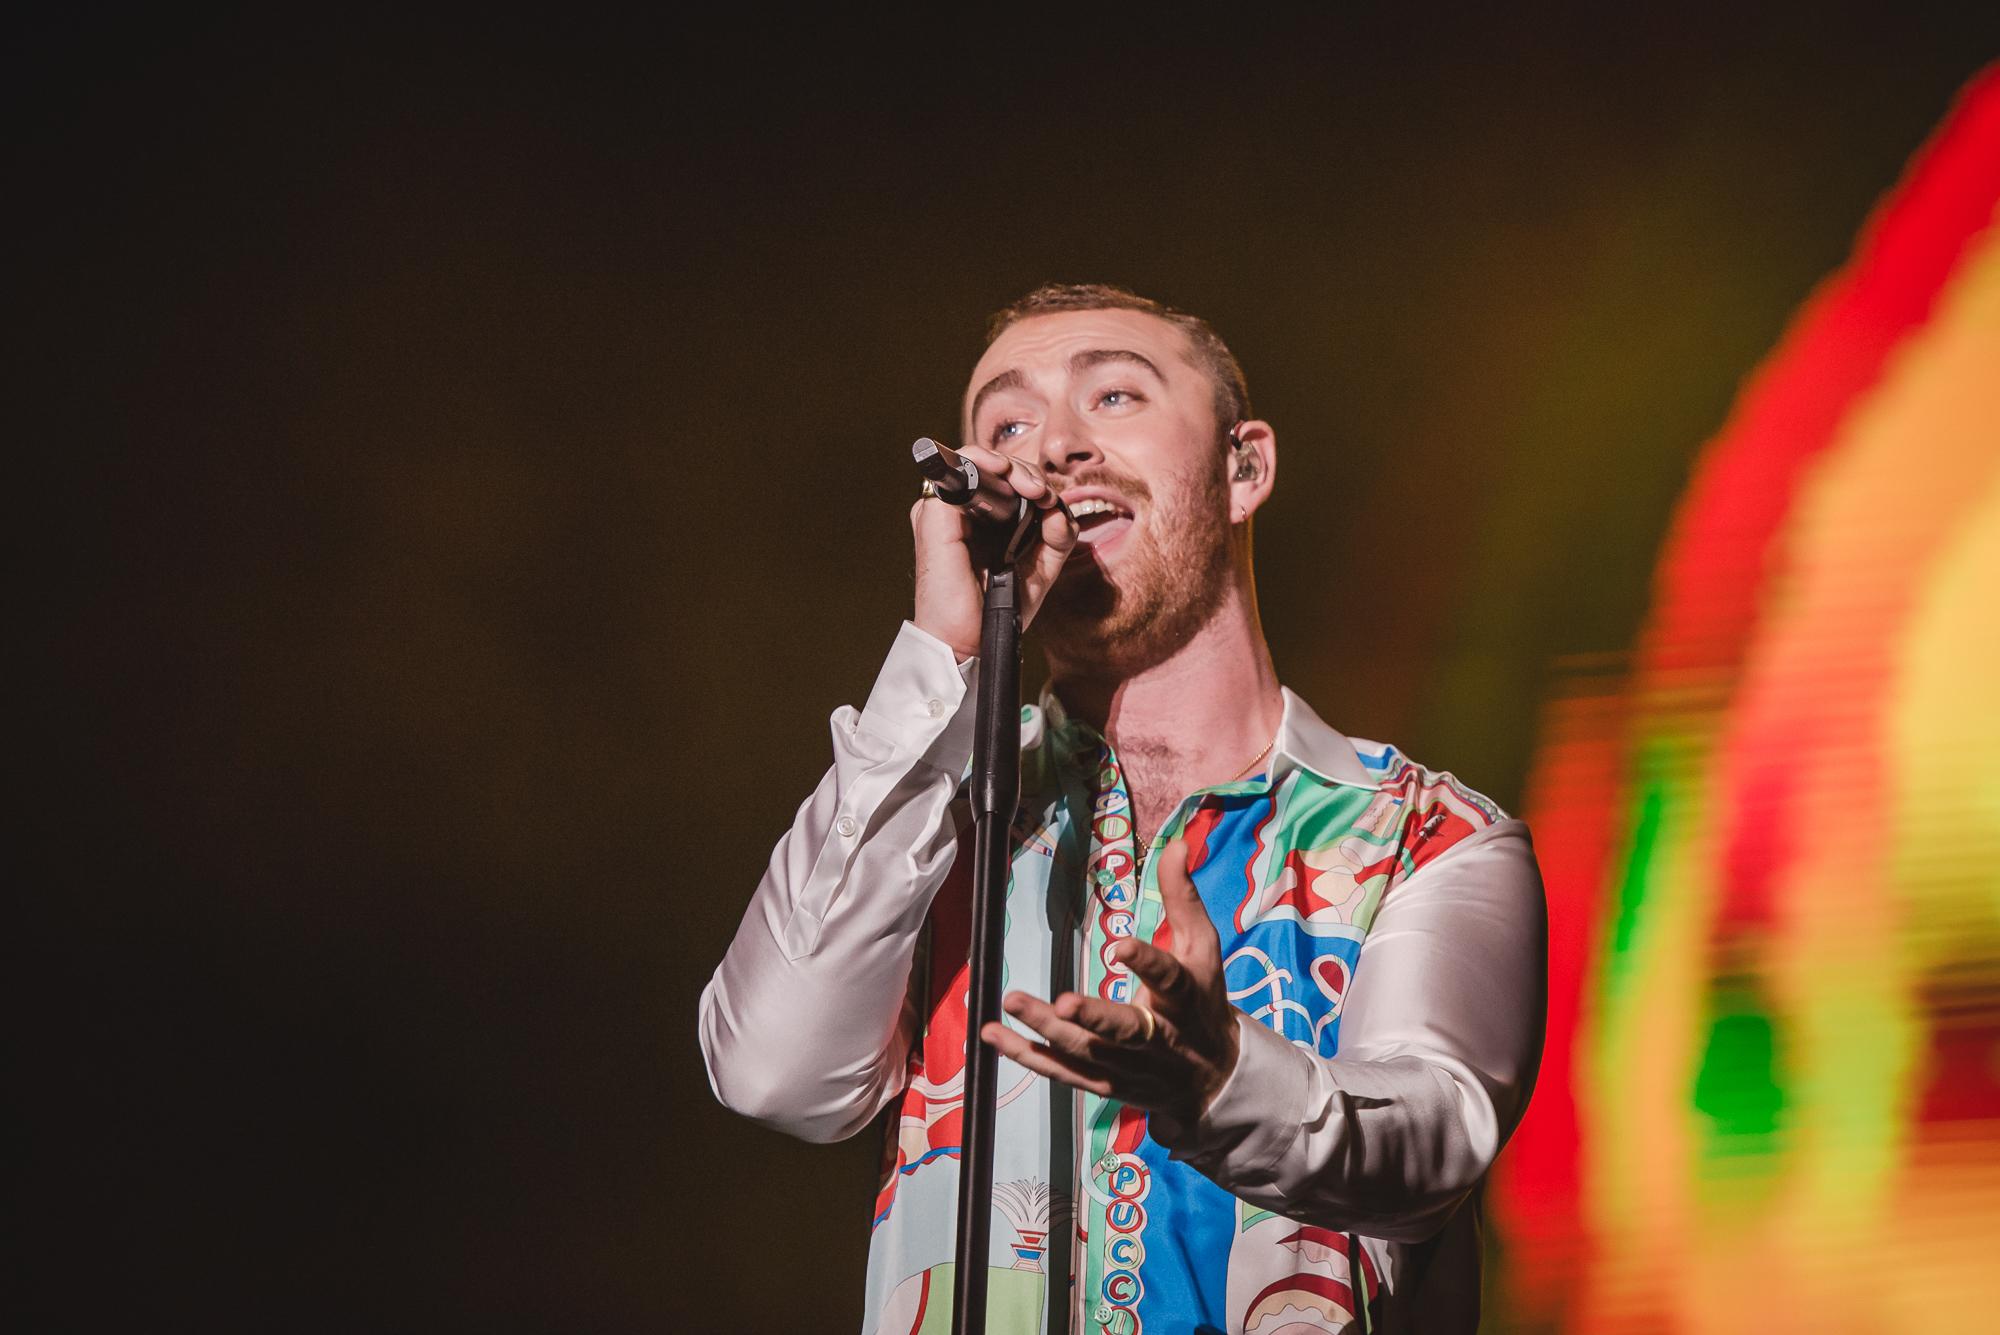 Sam Smith no palco do Lollapalooza Brasil; o cantor segura a base do microfone com uma mão e estende a outra na direção do público; ele olha para frente e luzes coloridas iluminam o fundo do palco